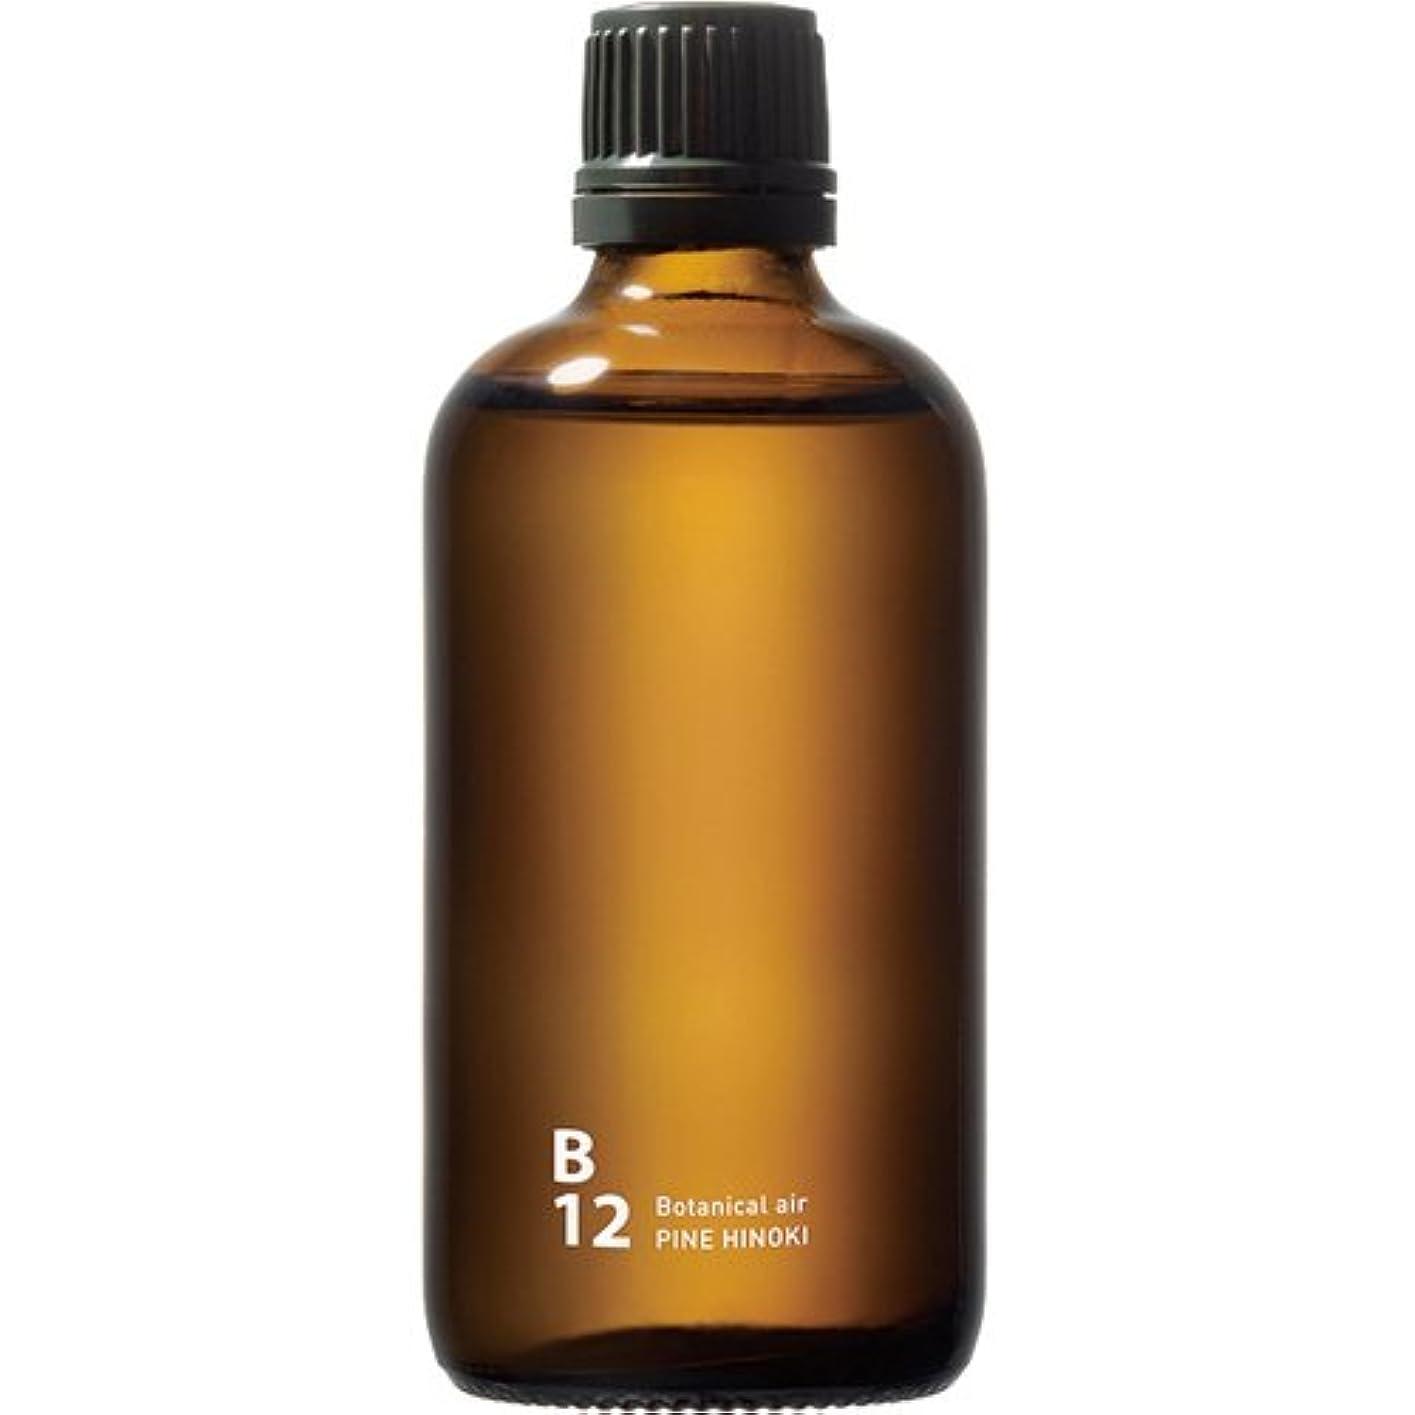 プログレッシブセーター和らげるB12 PINE HINOKI piezo aroma oil 100ml